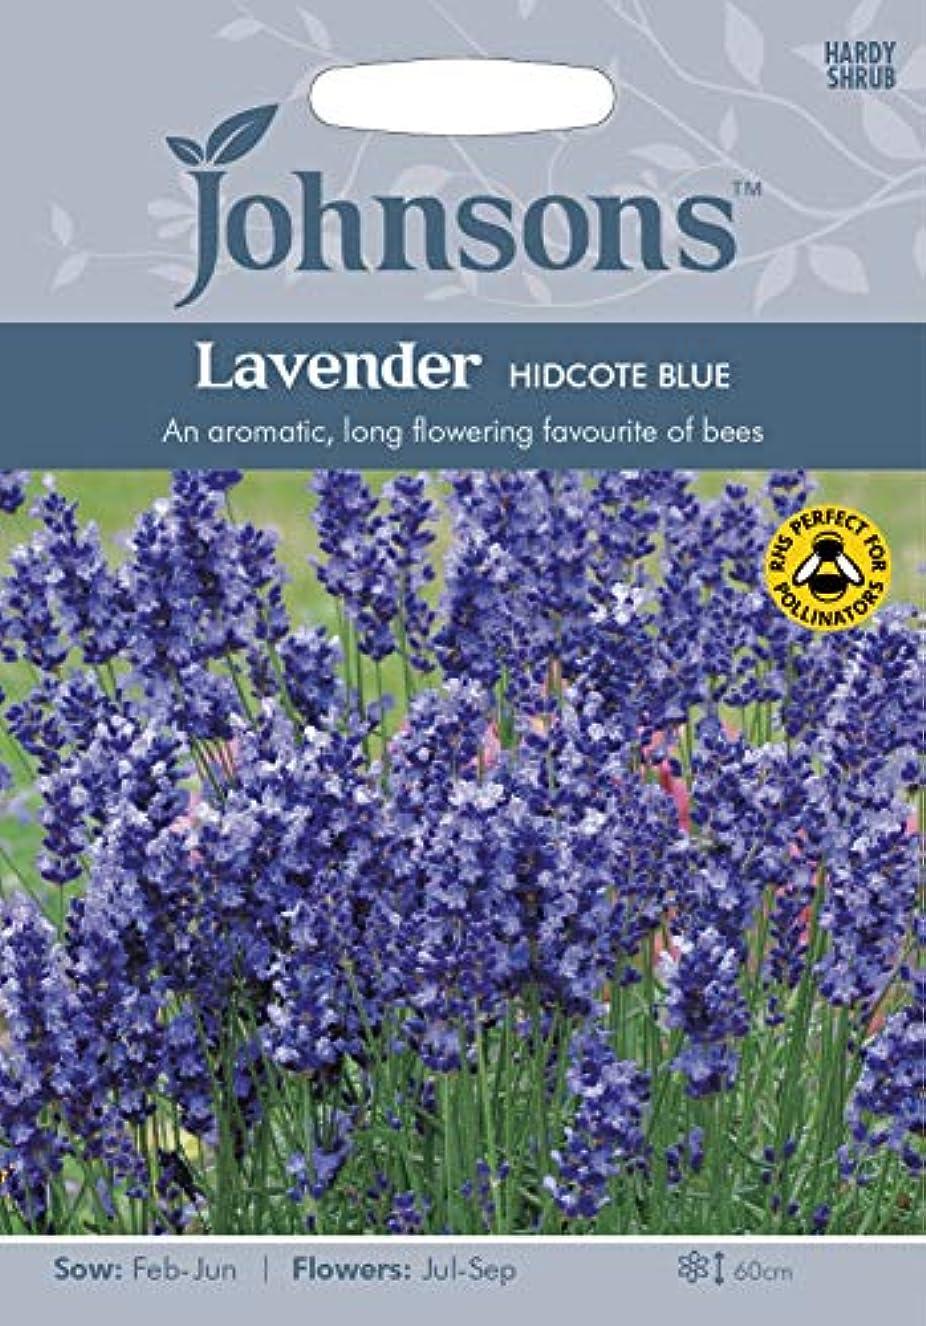 雨のコーナー殺人者種子パッケージ:3:ジョンソンシードラベンダーHidcoteSeed